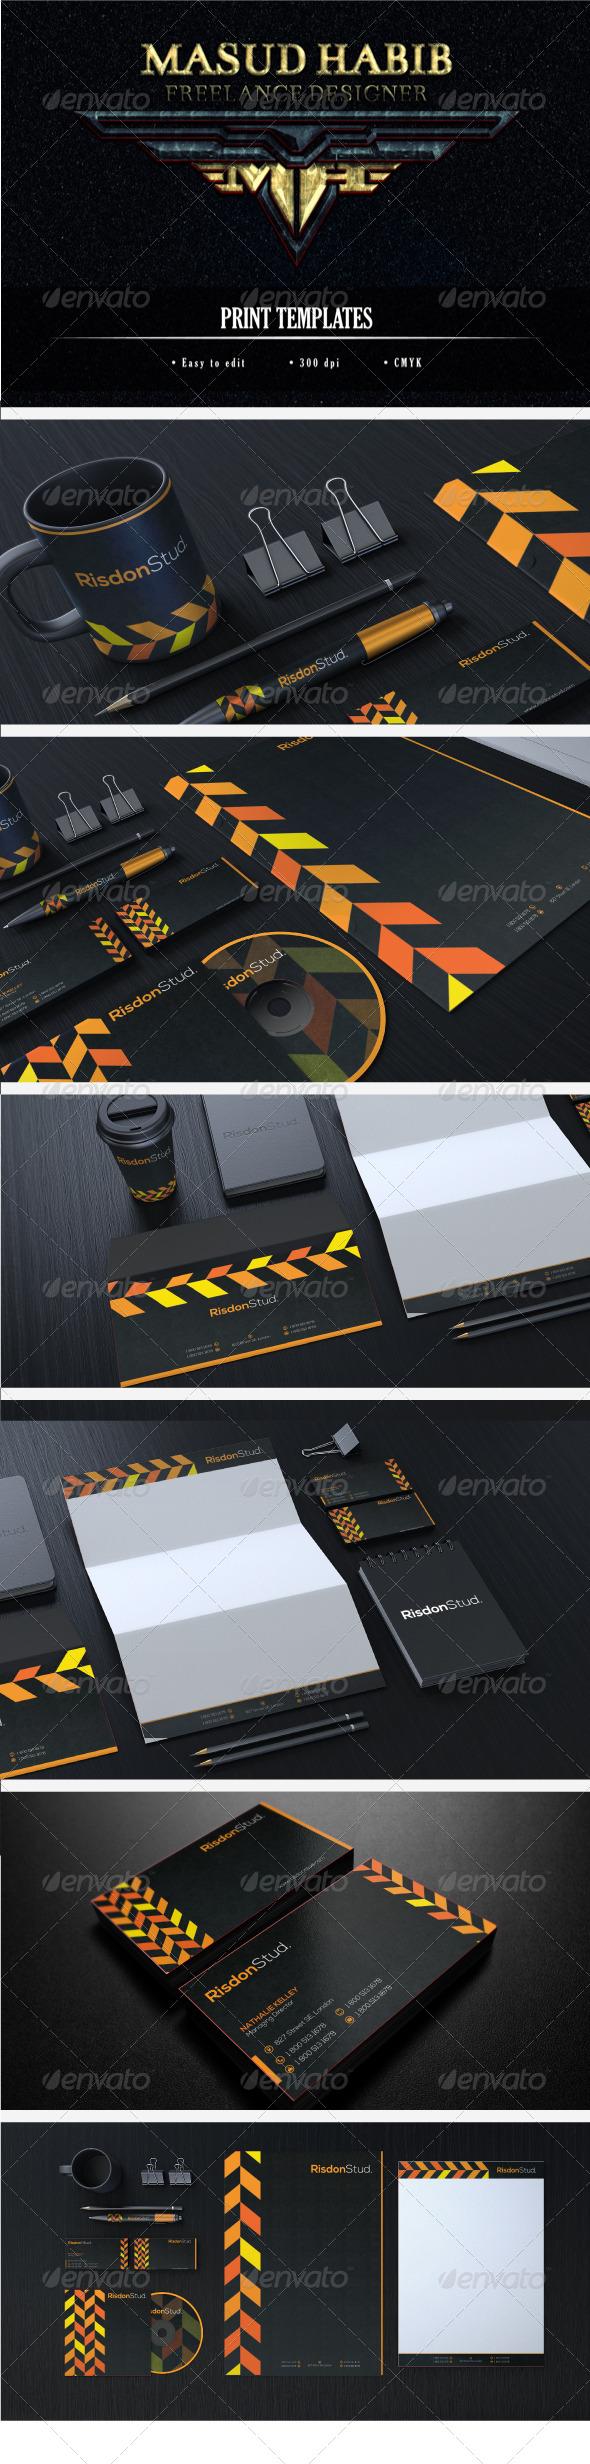 GraphicRiver Creative Corporate Identity 17 6980724